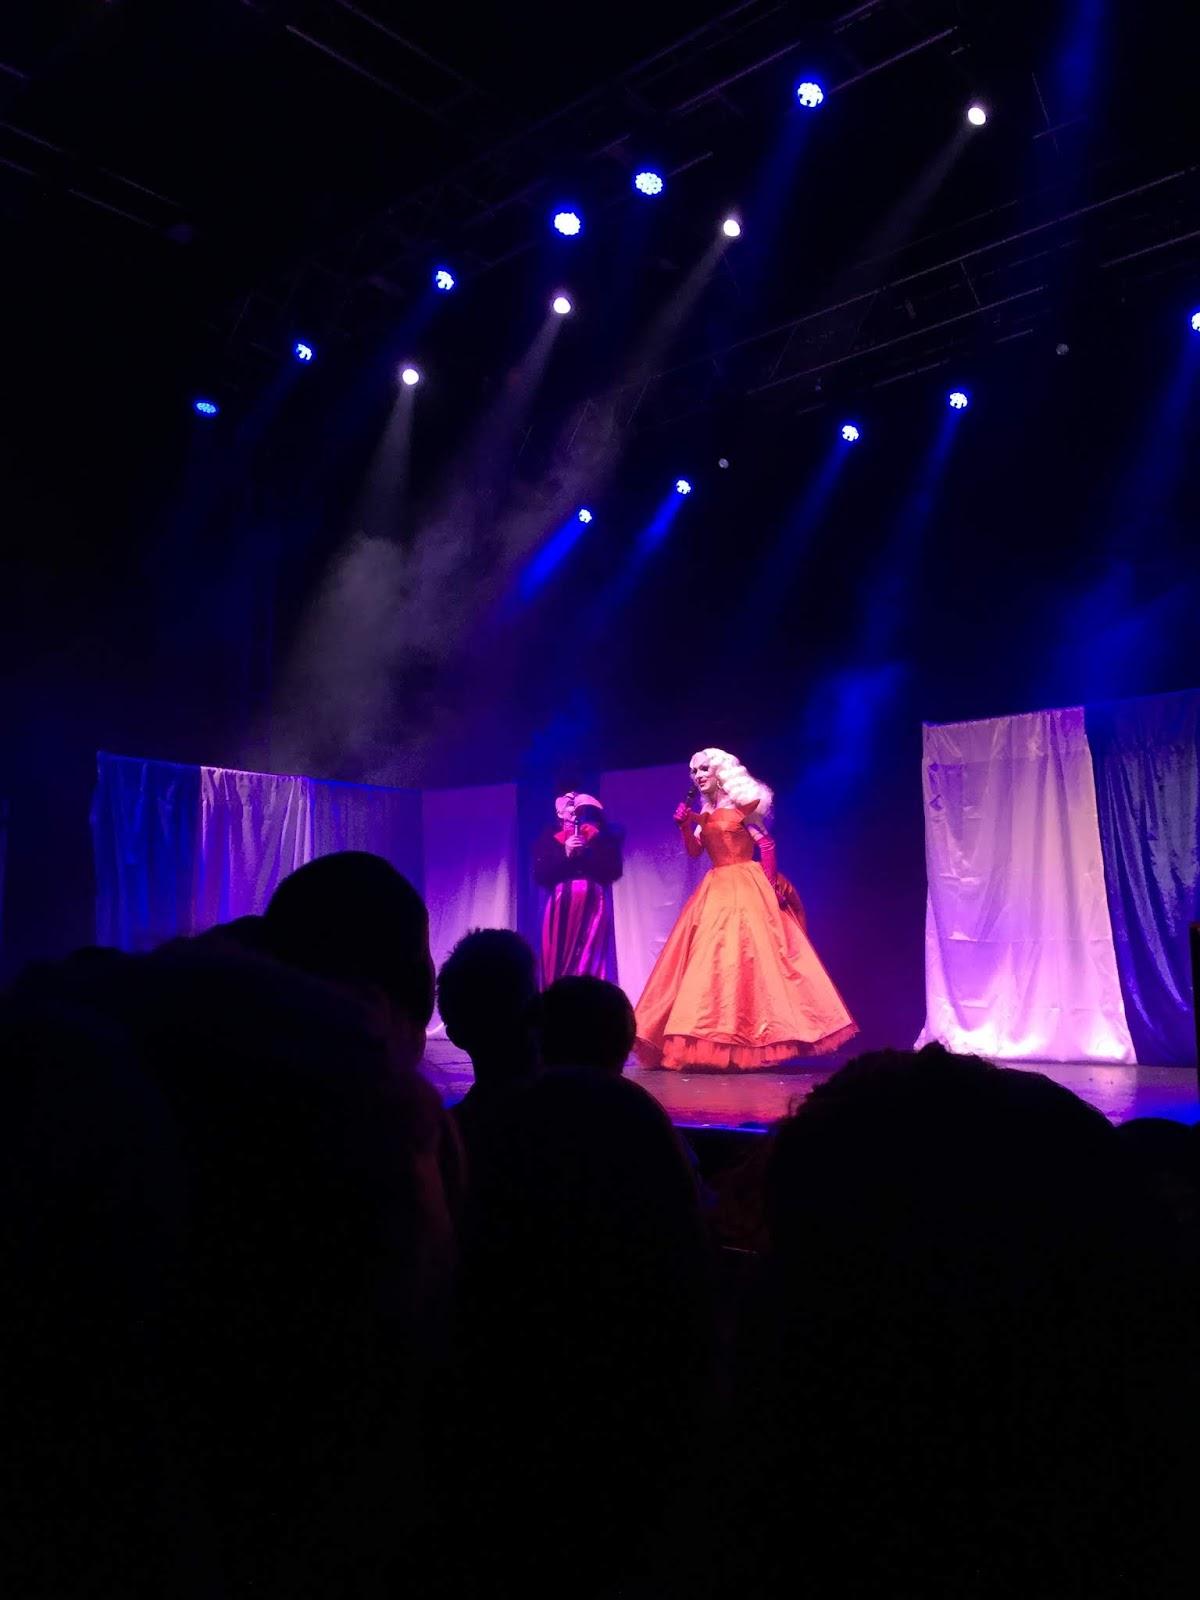 Sasha Velour and James St James on stage